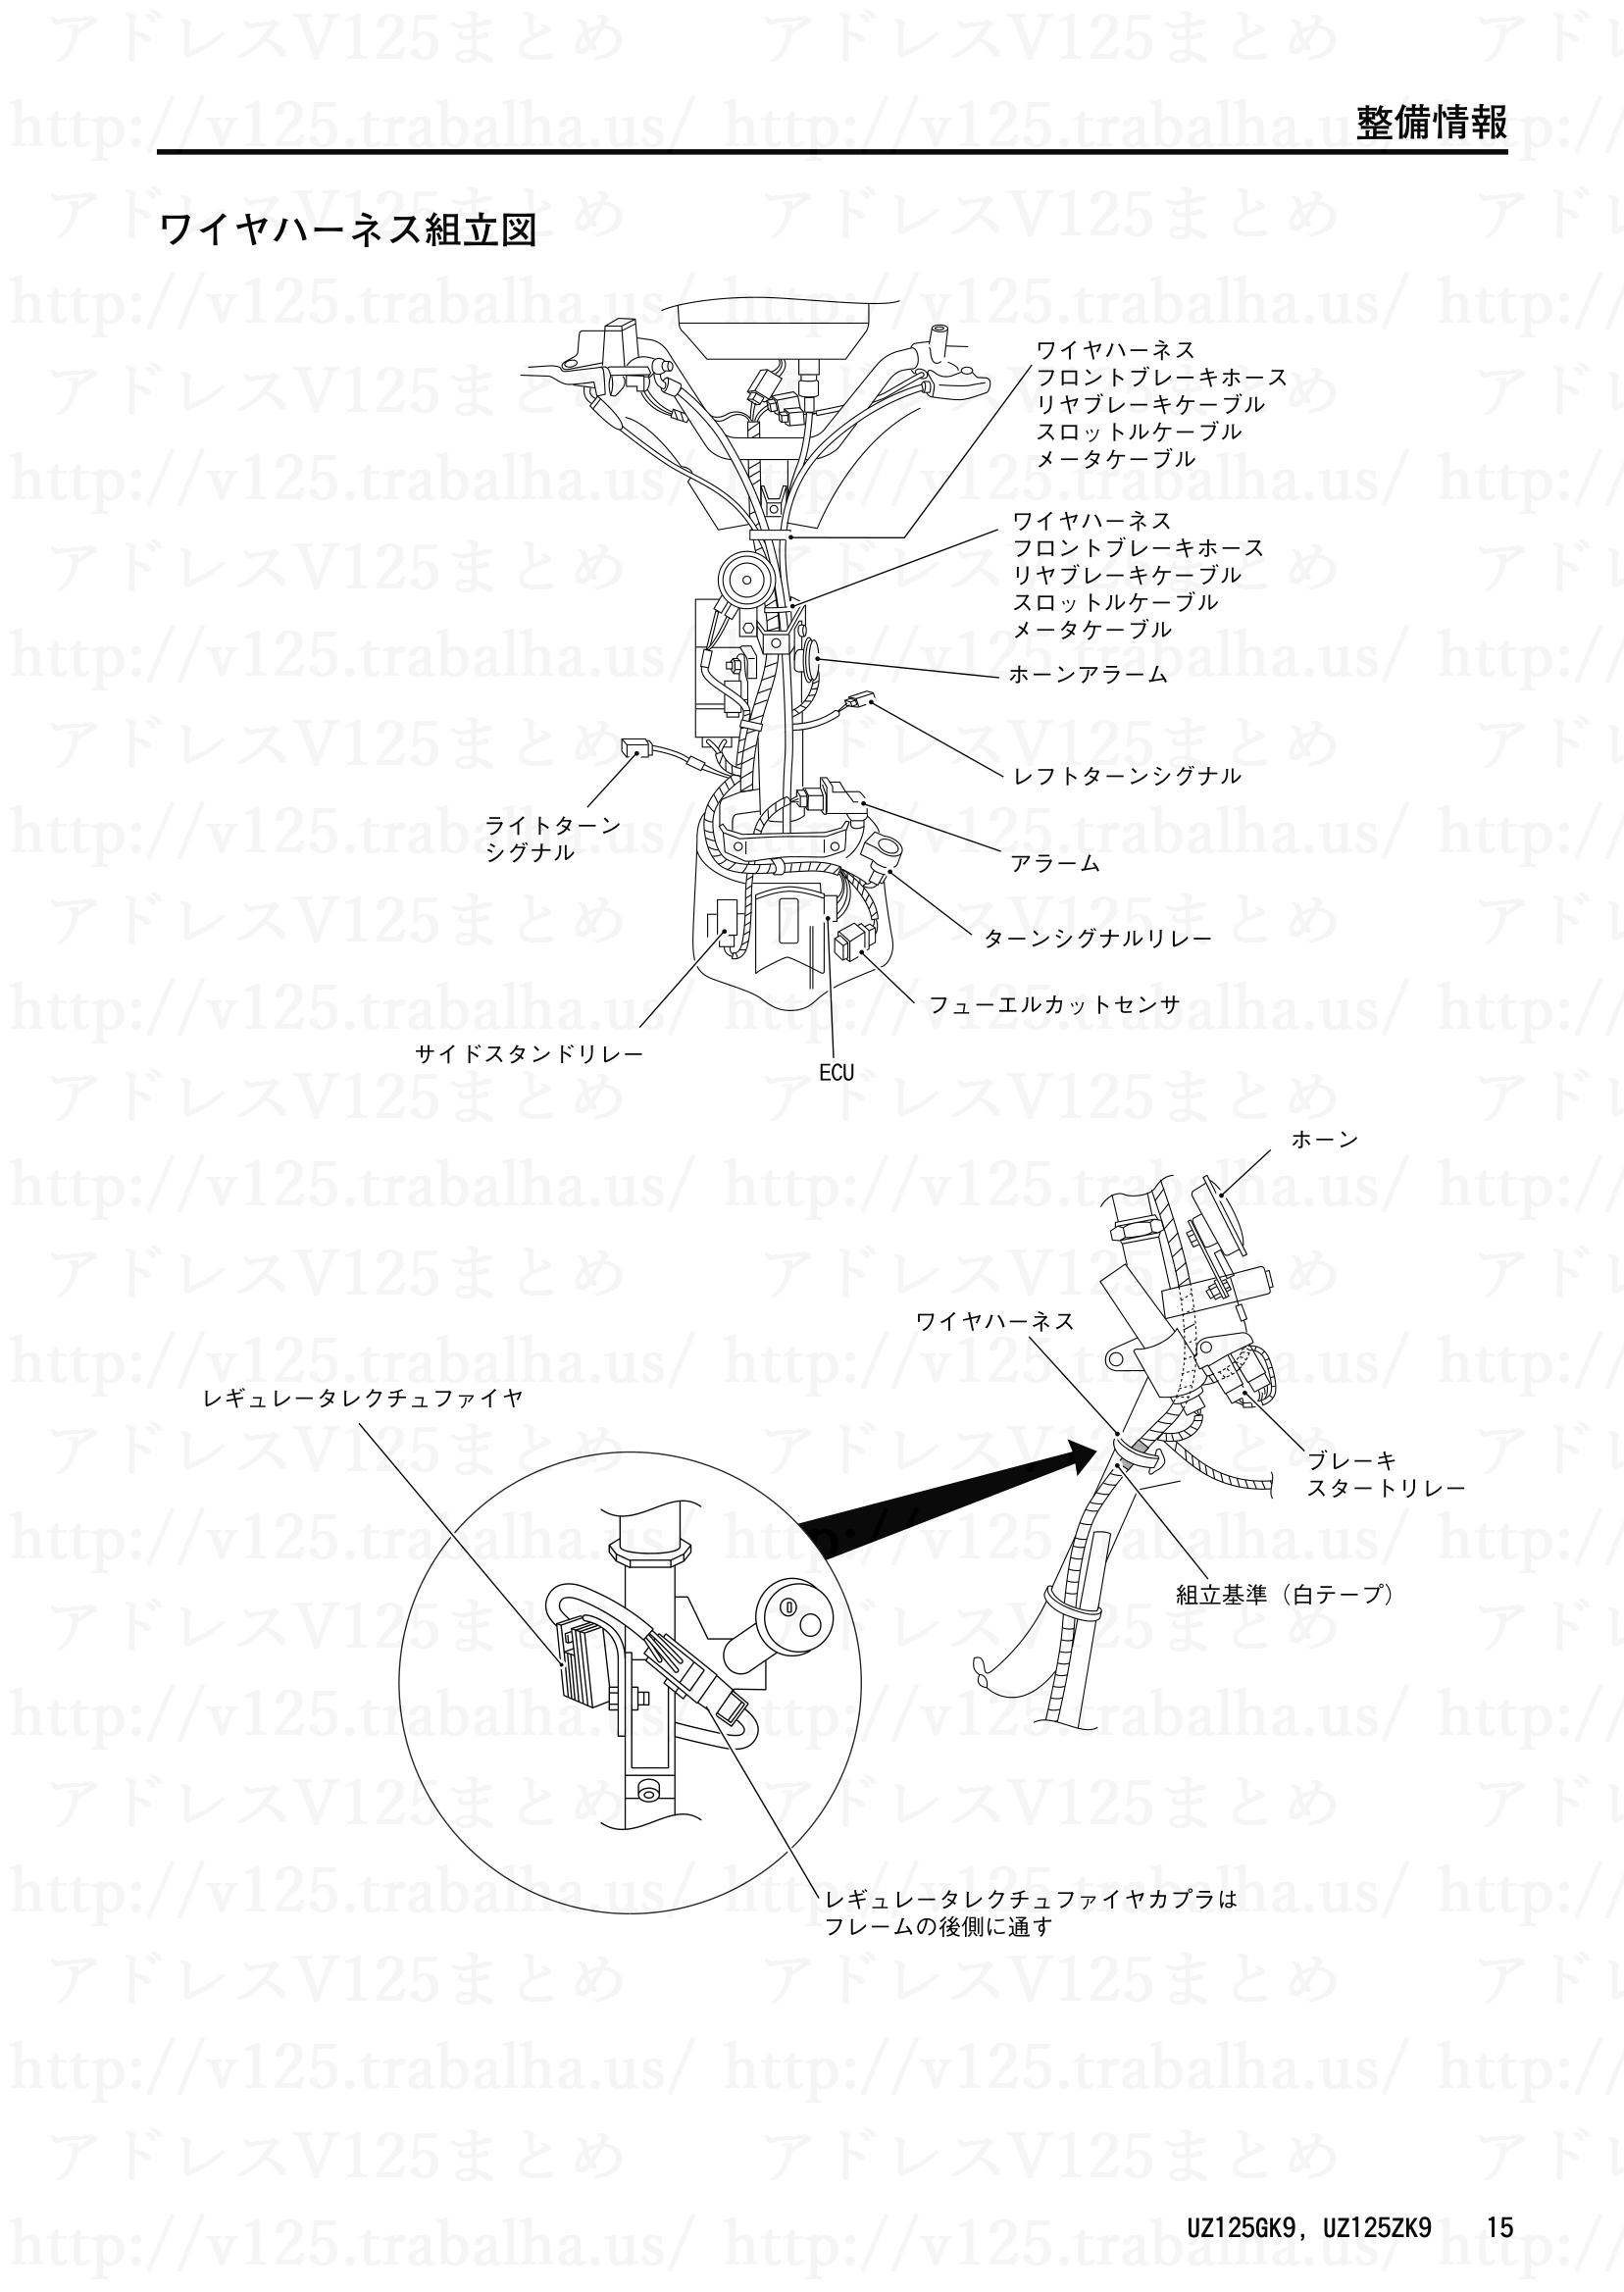 追補【UZ125GK9/UZ125ZK9】旧モデルとの主な相違点15